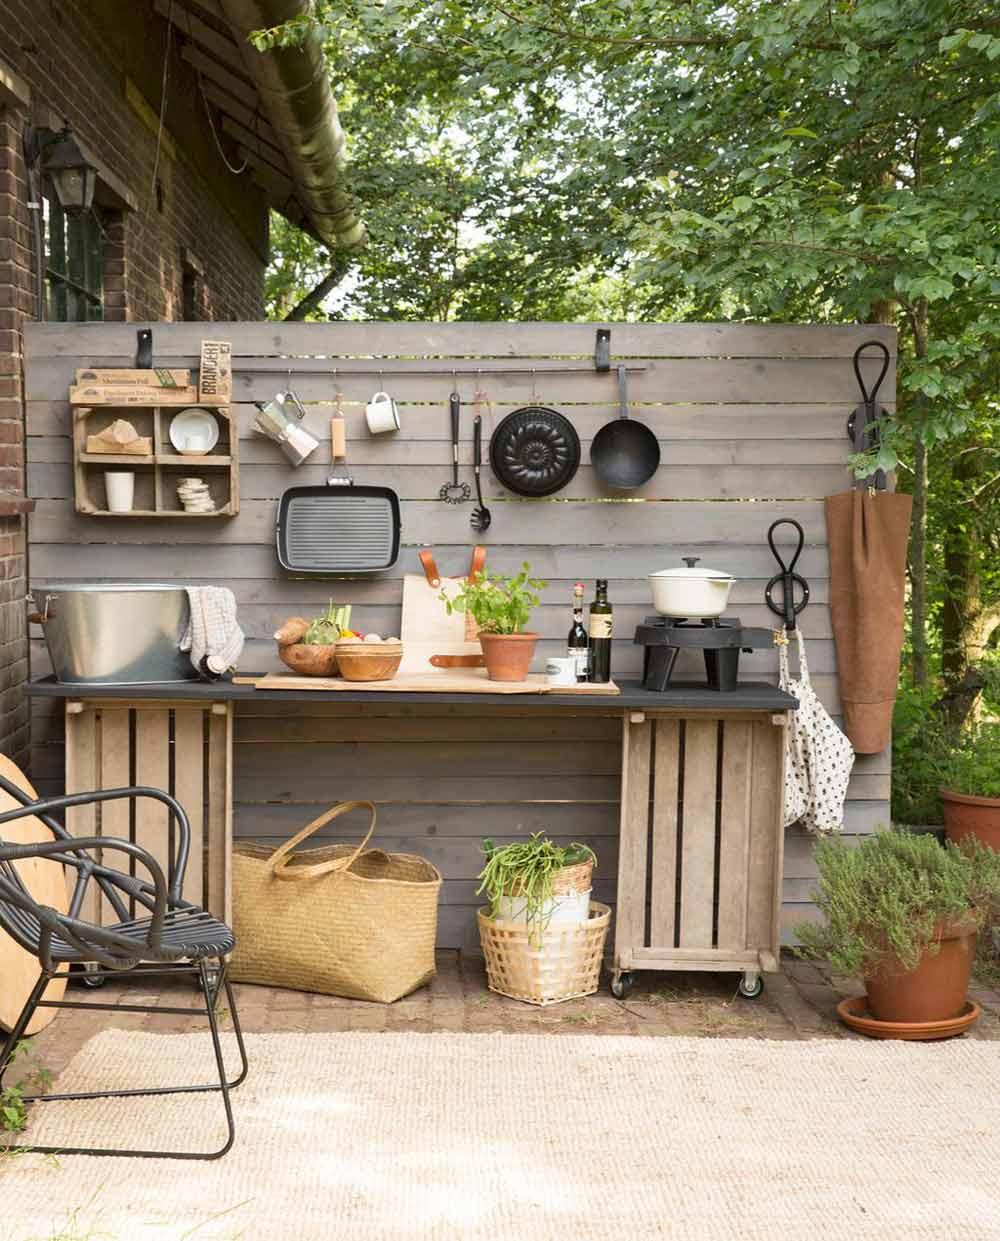 cucina da esterno fai da te